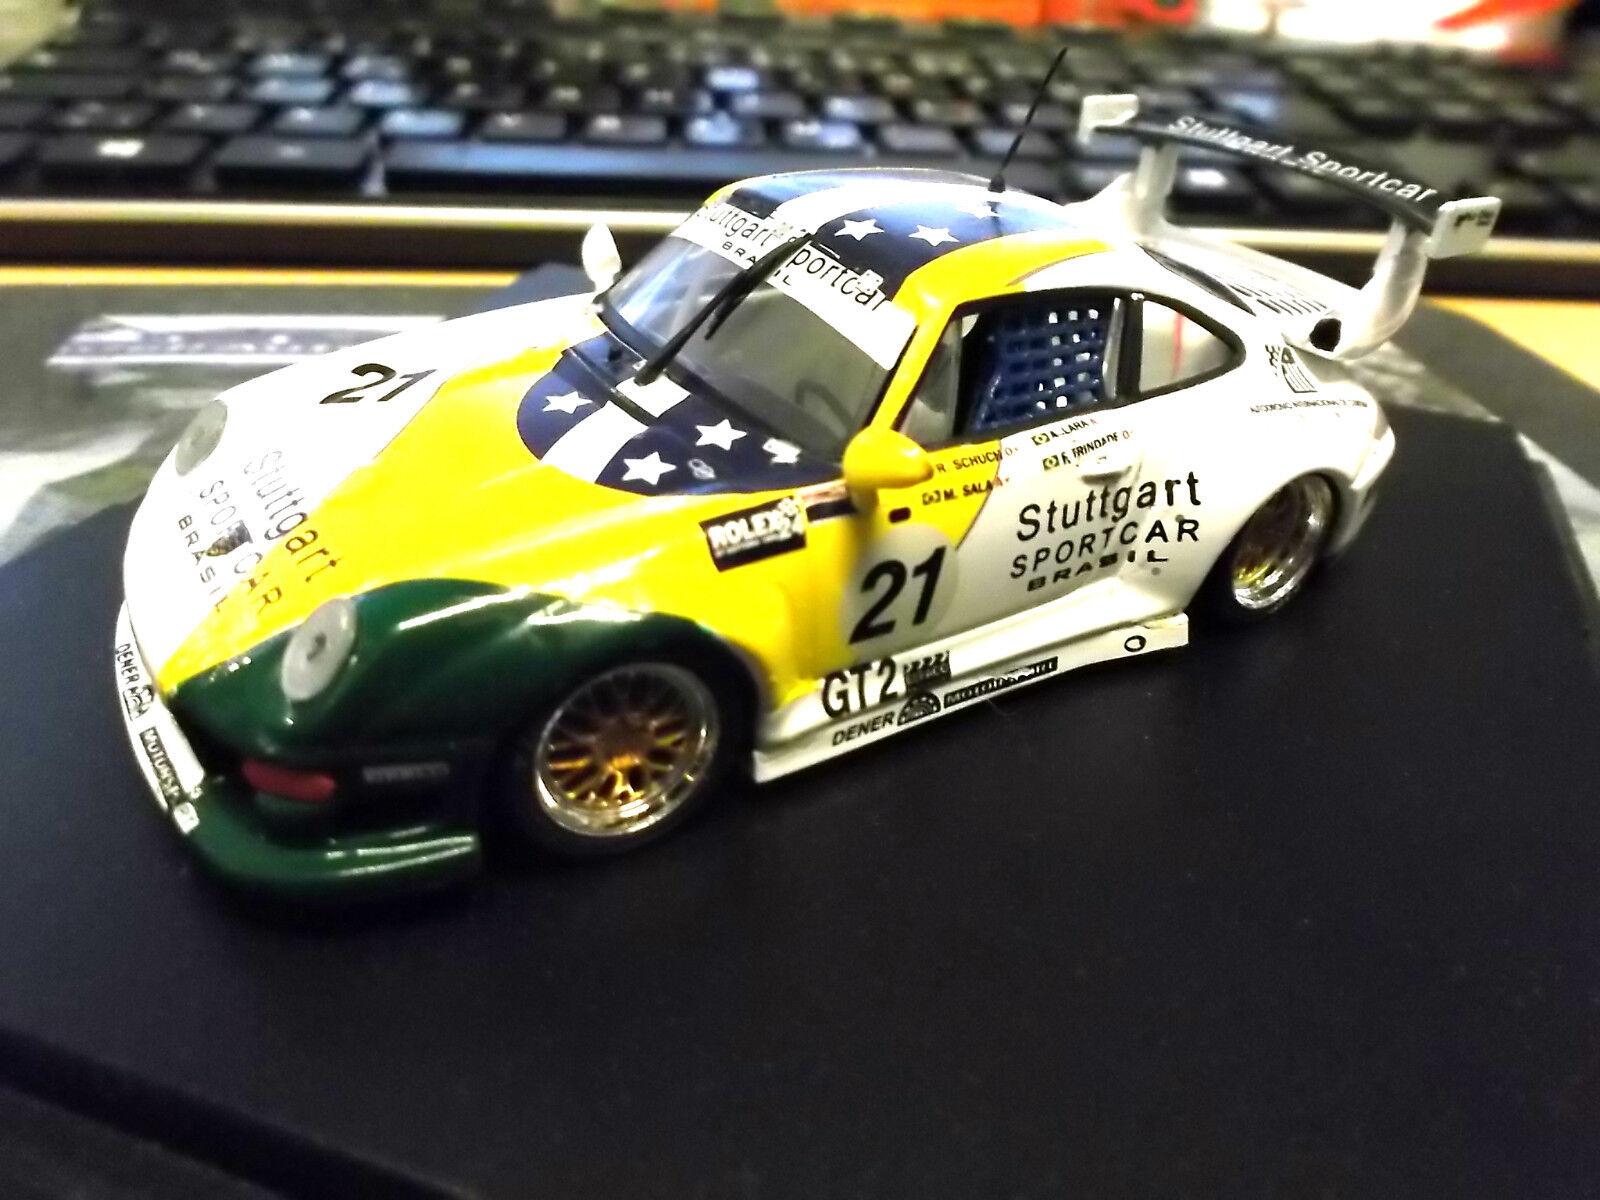 PORSCHE 911 993 GT2 EVO BPR Stuttgart Sportcar Brazil Daytona Vitesse 1 43